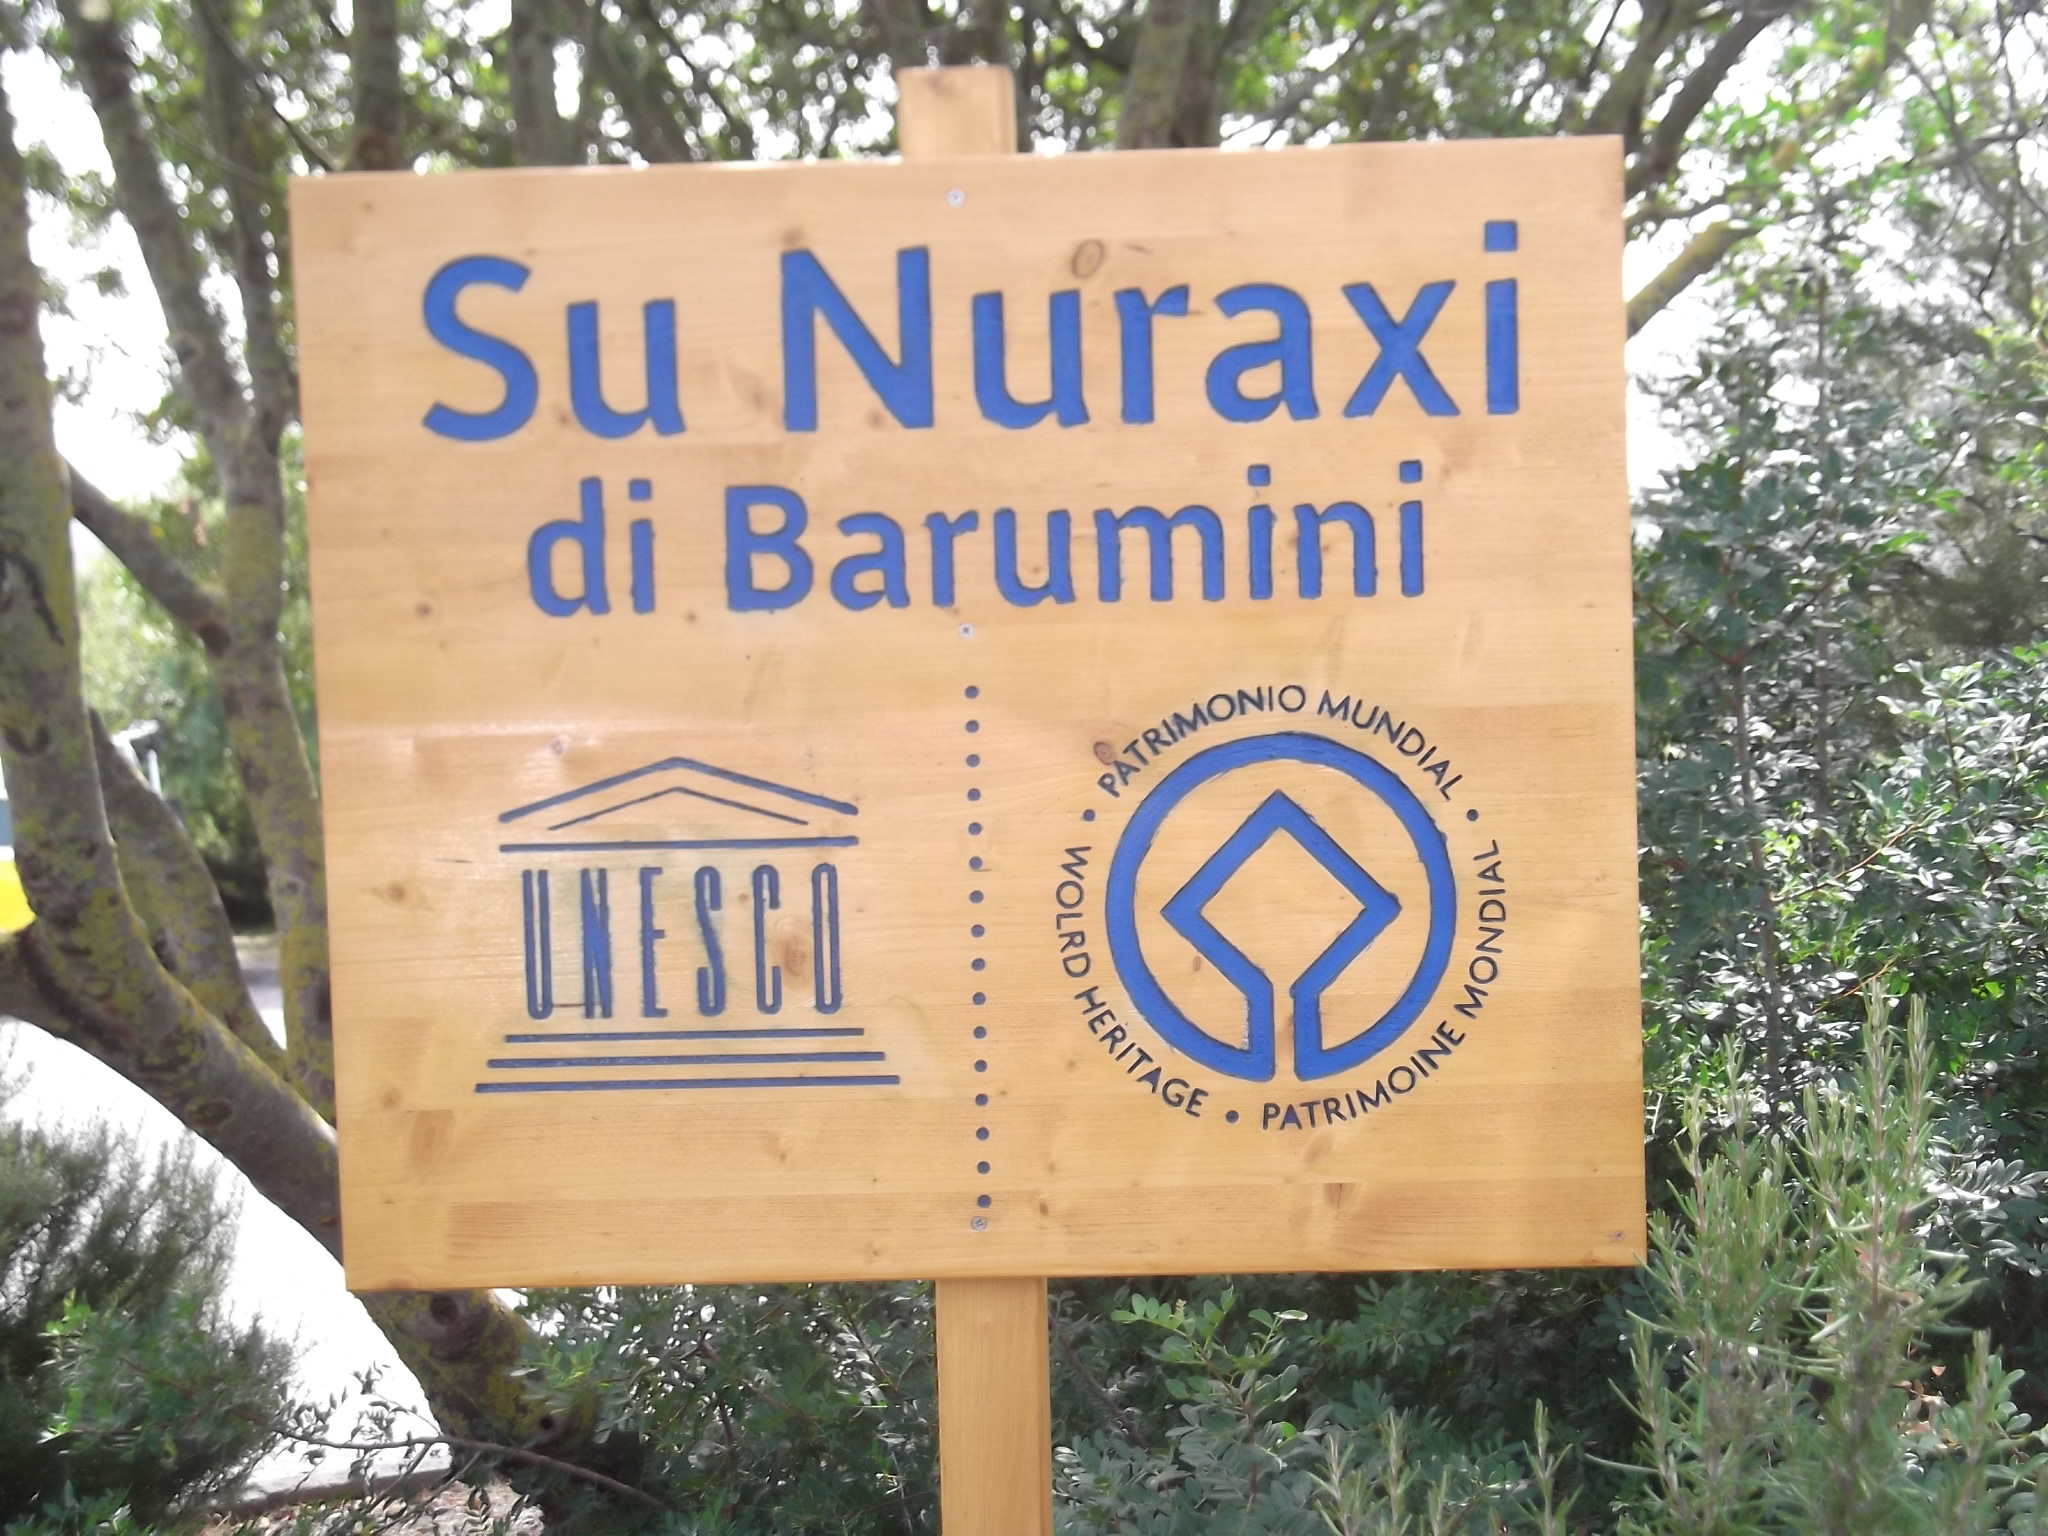 cagliari_su-nuraxi_cartello